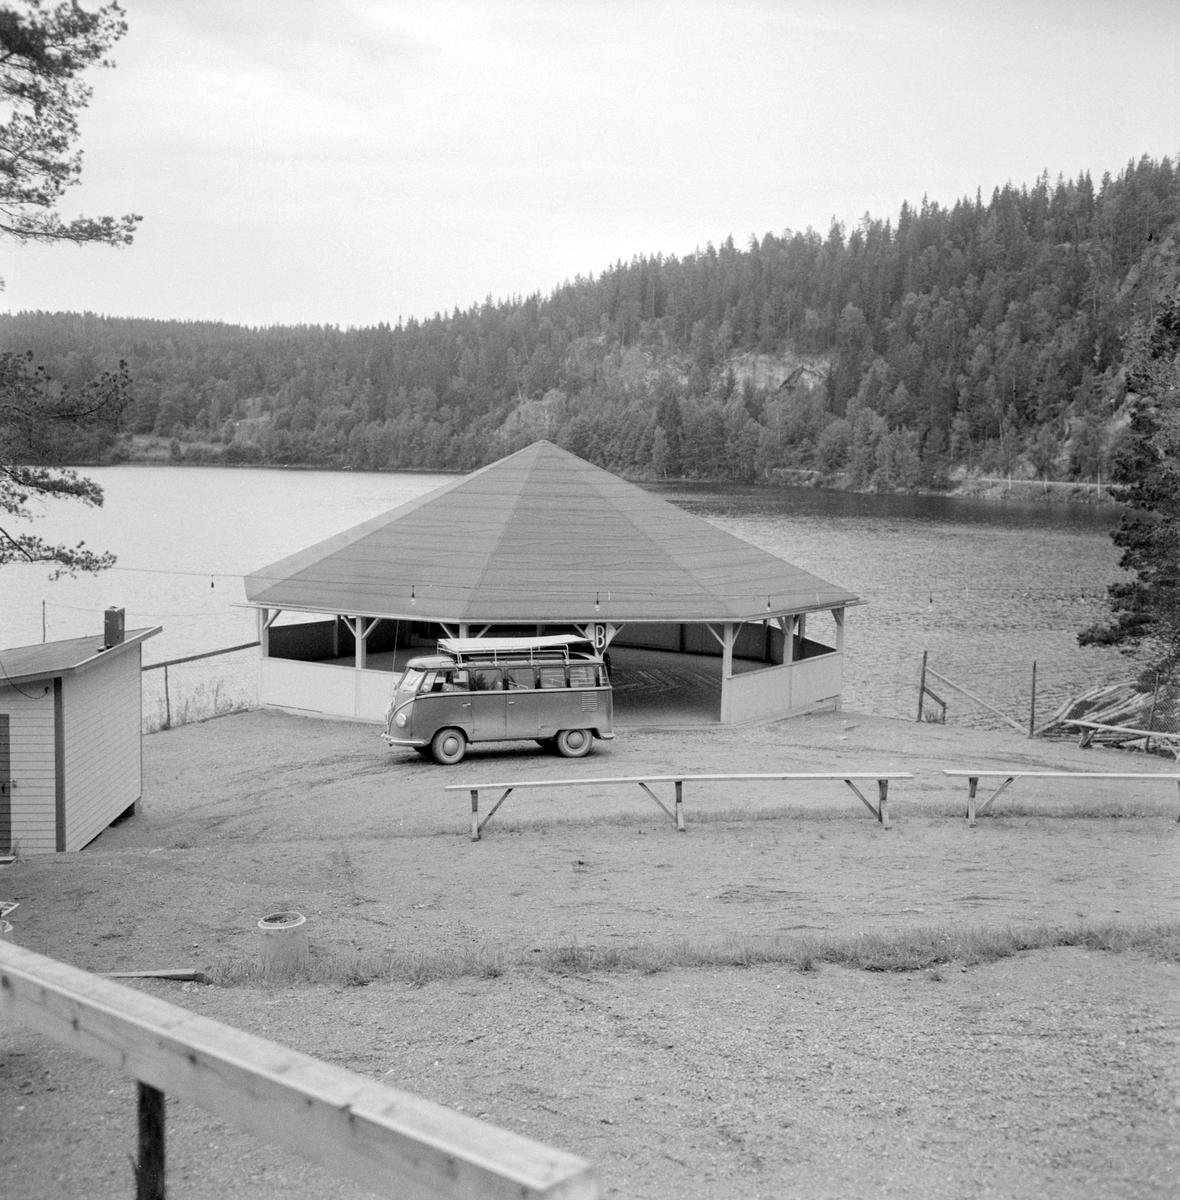 Festplatsen Valö är en av de mest klassiska i Östergötland och otaliga är de som roat sig på ön. Bakom anläggningens tillkomst låg Björkfors GoIF som efter storartad insats kunde inviga sin nöjespark 1956. Nu skrev man 1958 och det rustas för ännu en säsong.